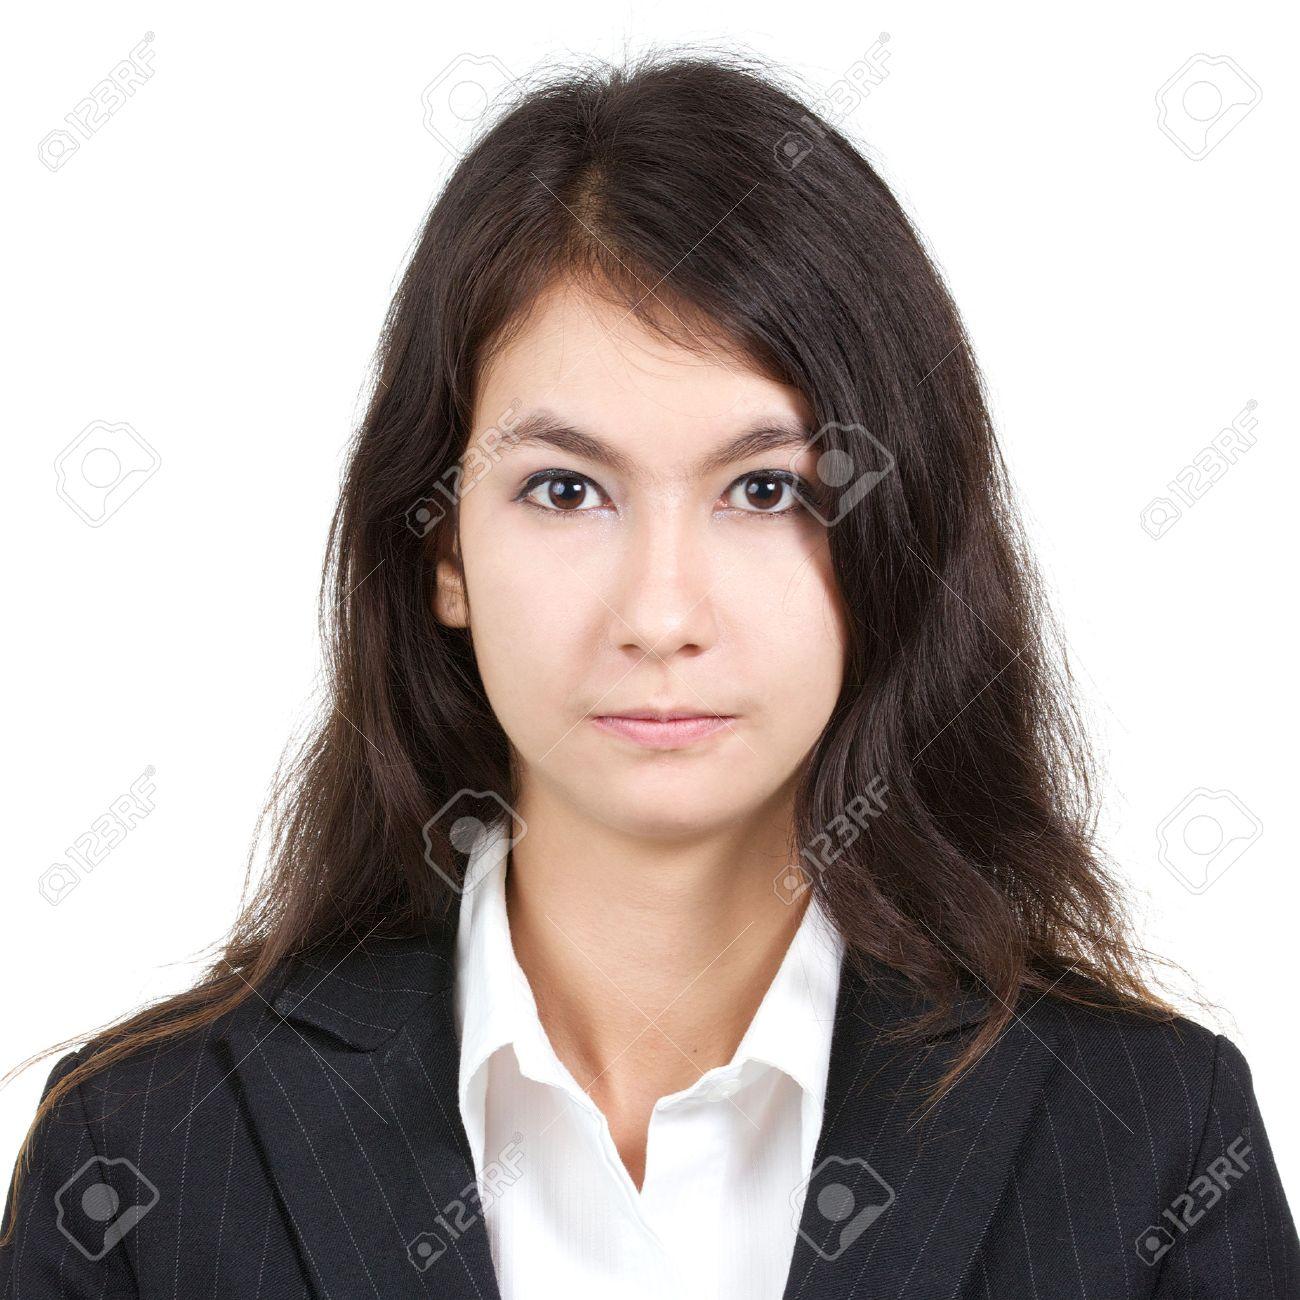 Overhemd Voor Pak.Pasfoto Van Jonge Aantrekkelijke Sexy Mooie Vrouw In Wit Overhemd En